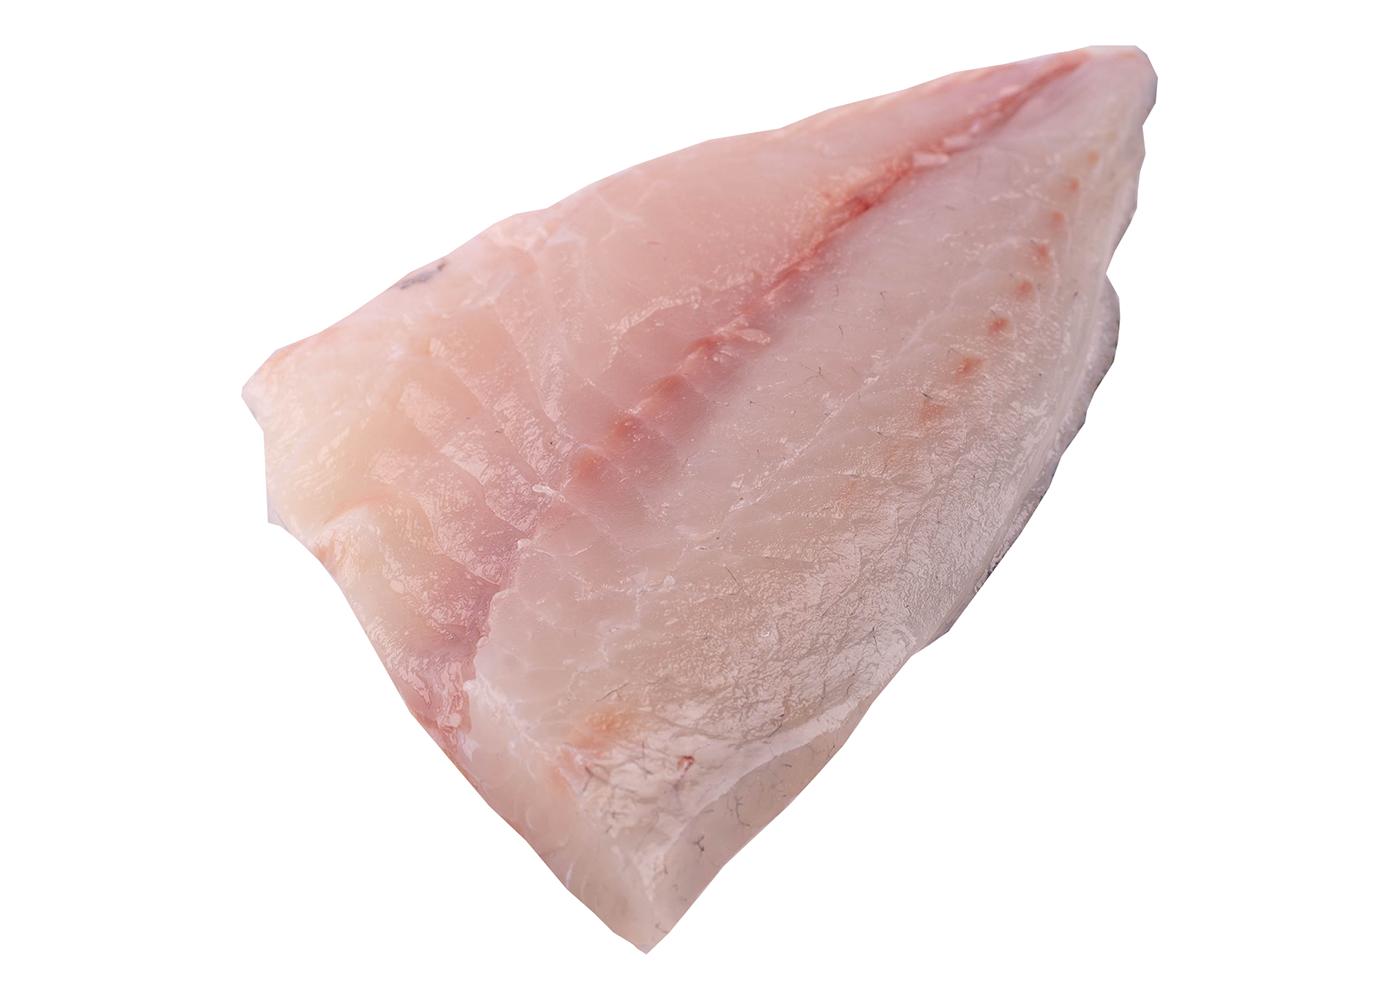 Productafbeelding SEABREAMFILLET FARMED SKIN ON FROM 800-1000 GR,FROZEN